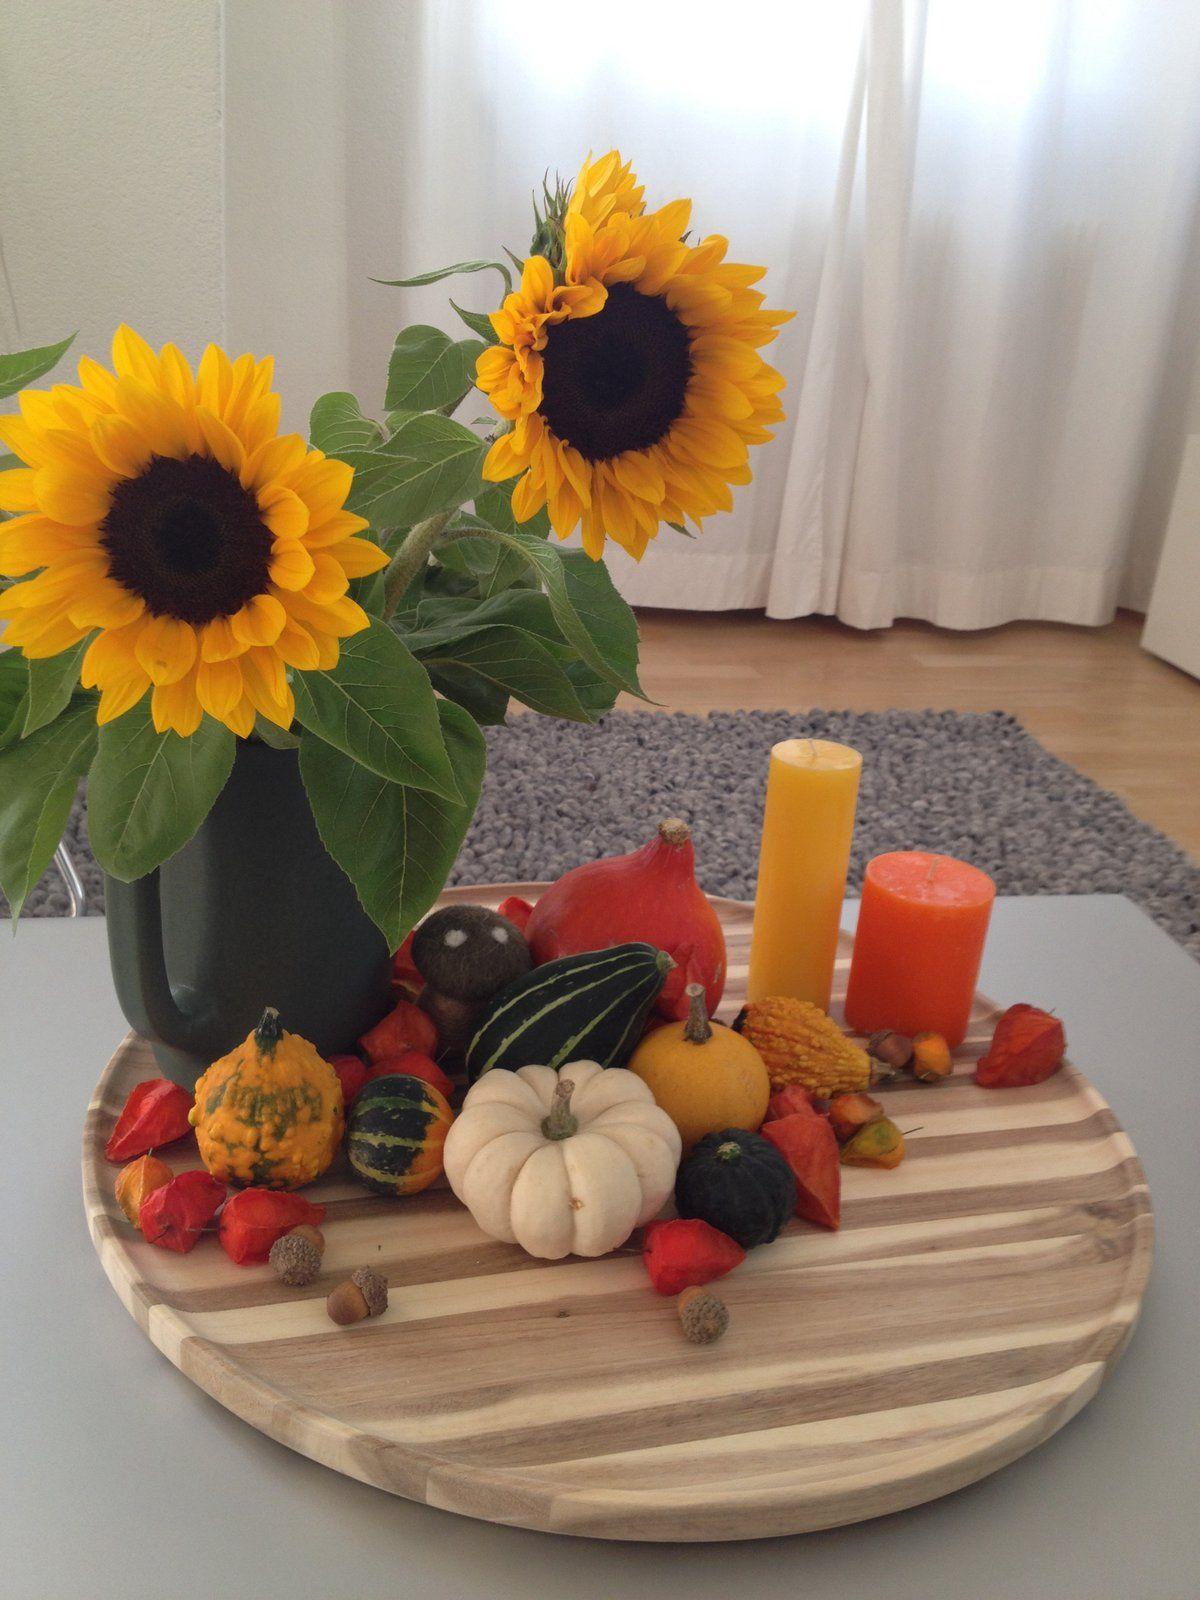 Herbst #interior #dekoration #deko #herbstdeko #decoration #living #wohnen #herbst #fall #autum #kürbis #zierkürbis #pumpkin Foto: Tuschkasten #herbstdekoeingangsbereich